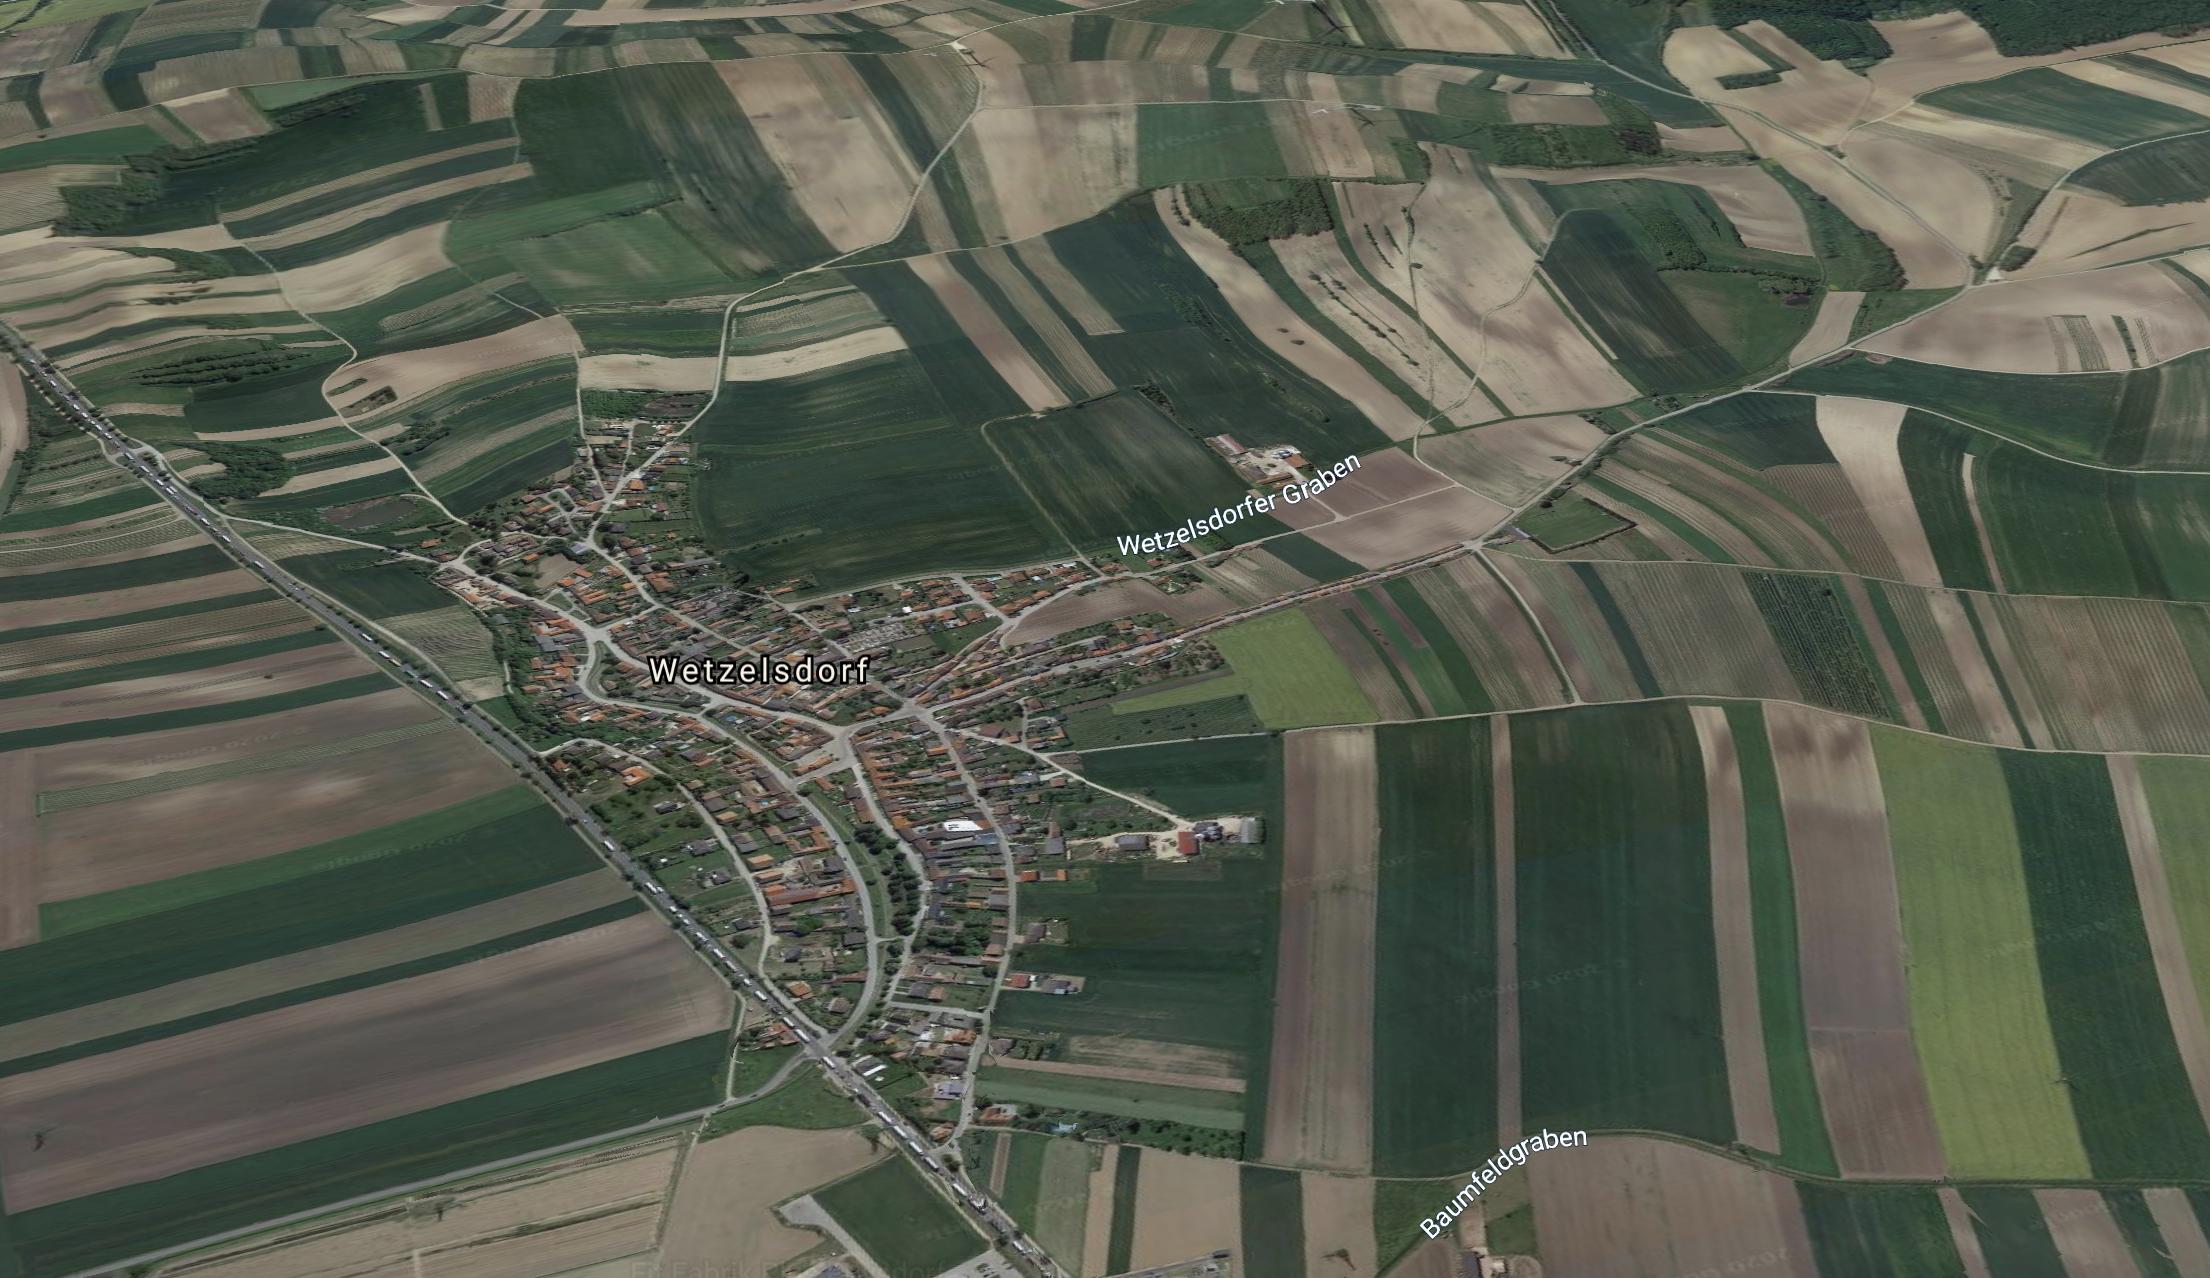 Keller in der Pampa: In Wetzelsdorf-Poysdorf sollen sich Küssels Weinkeller befinden